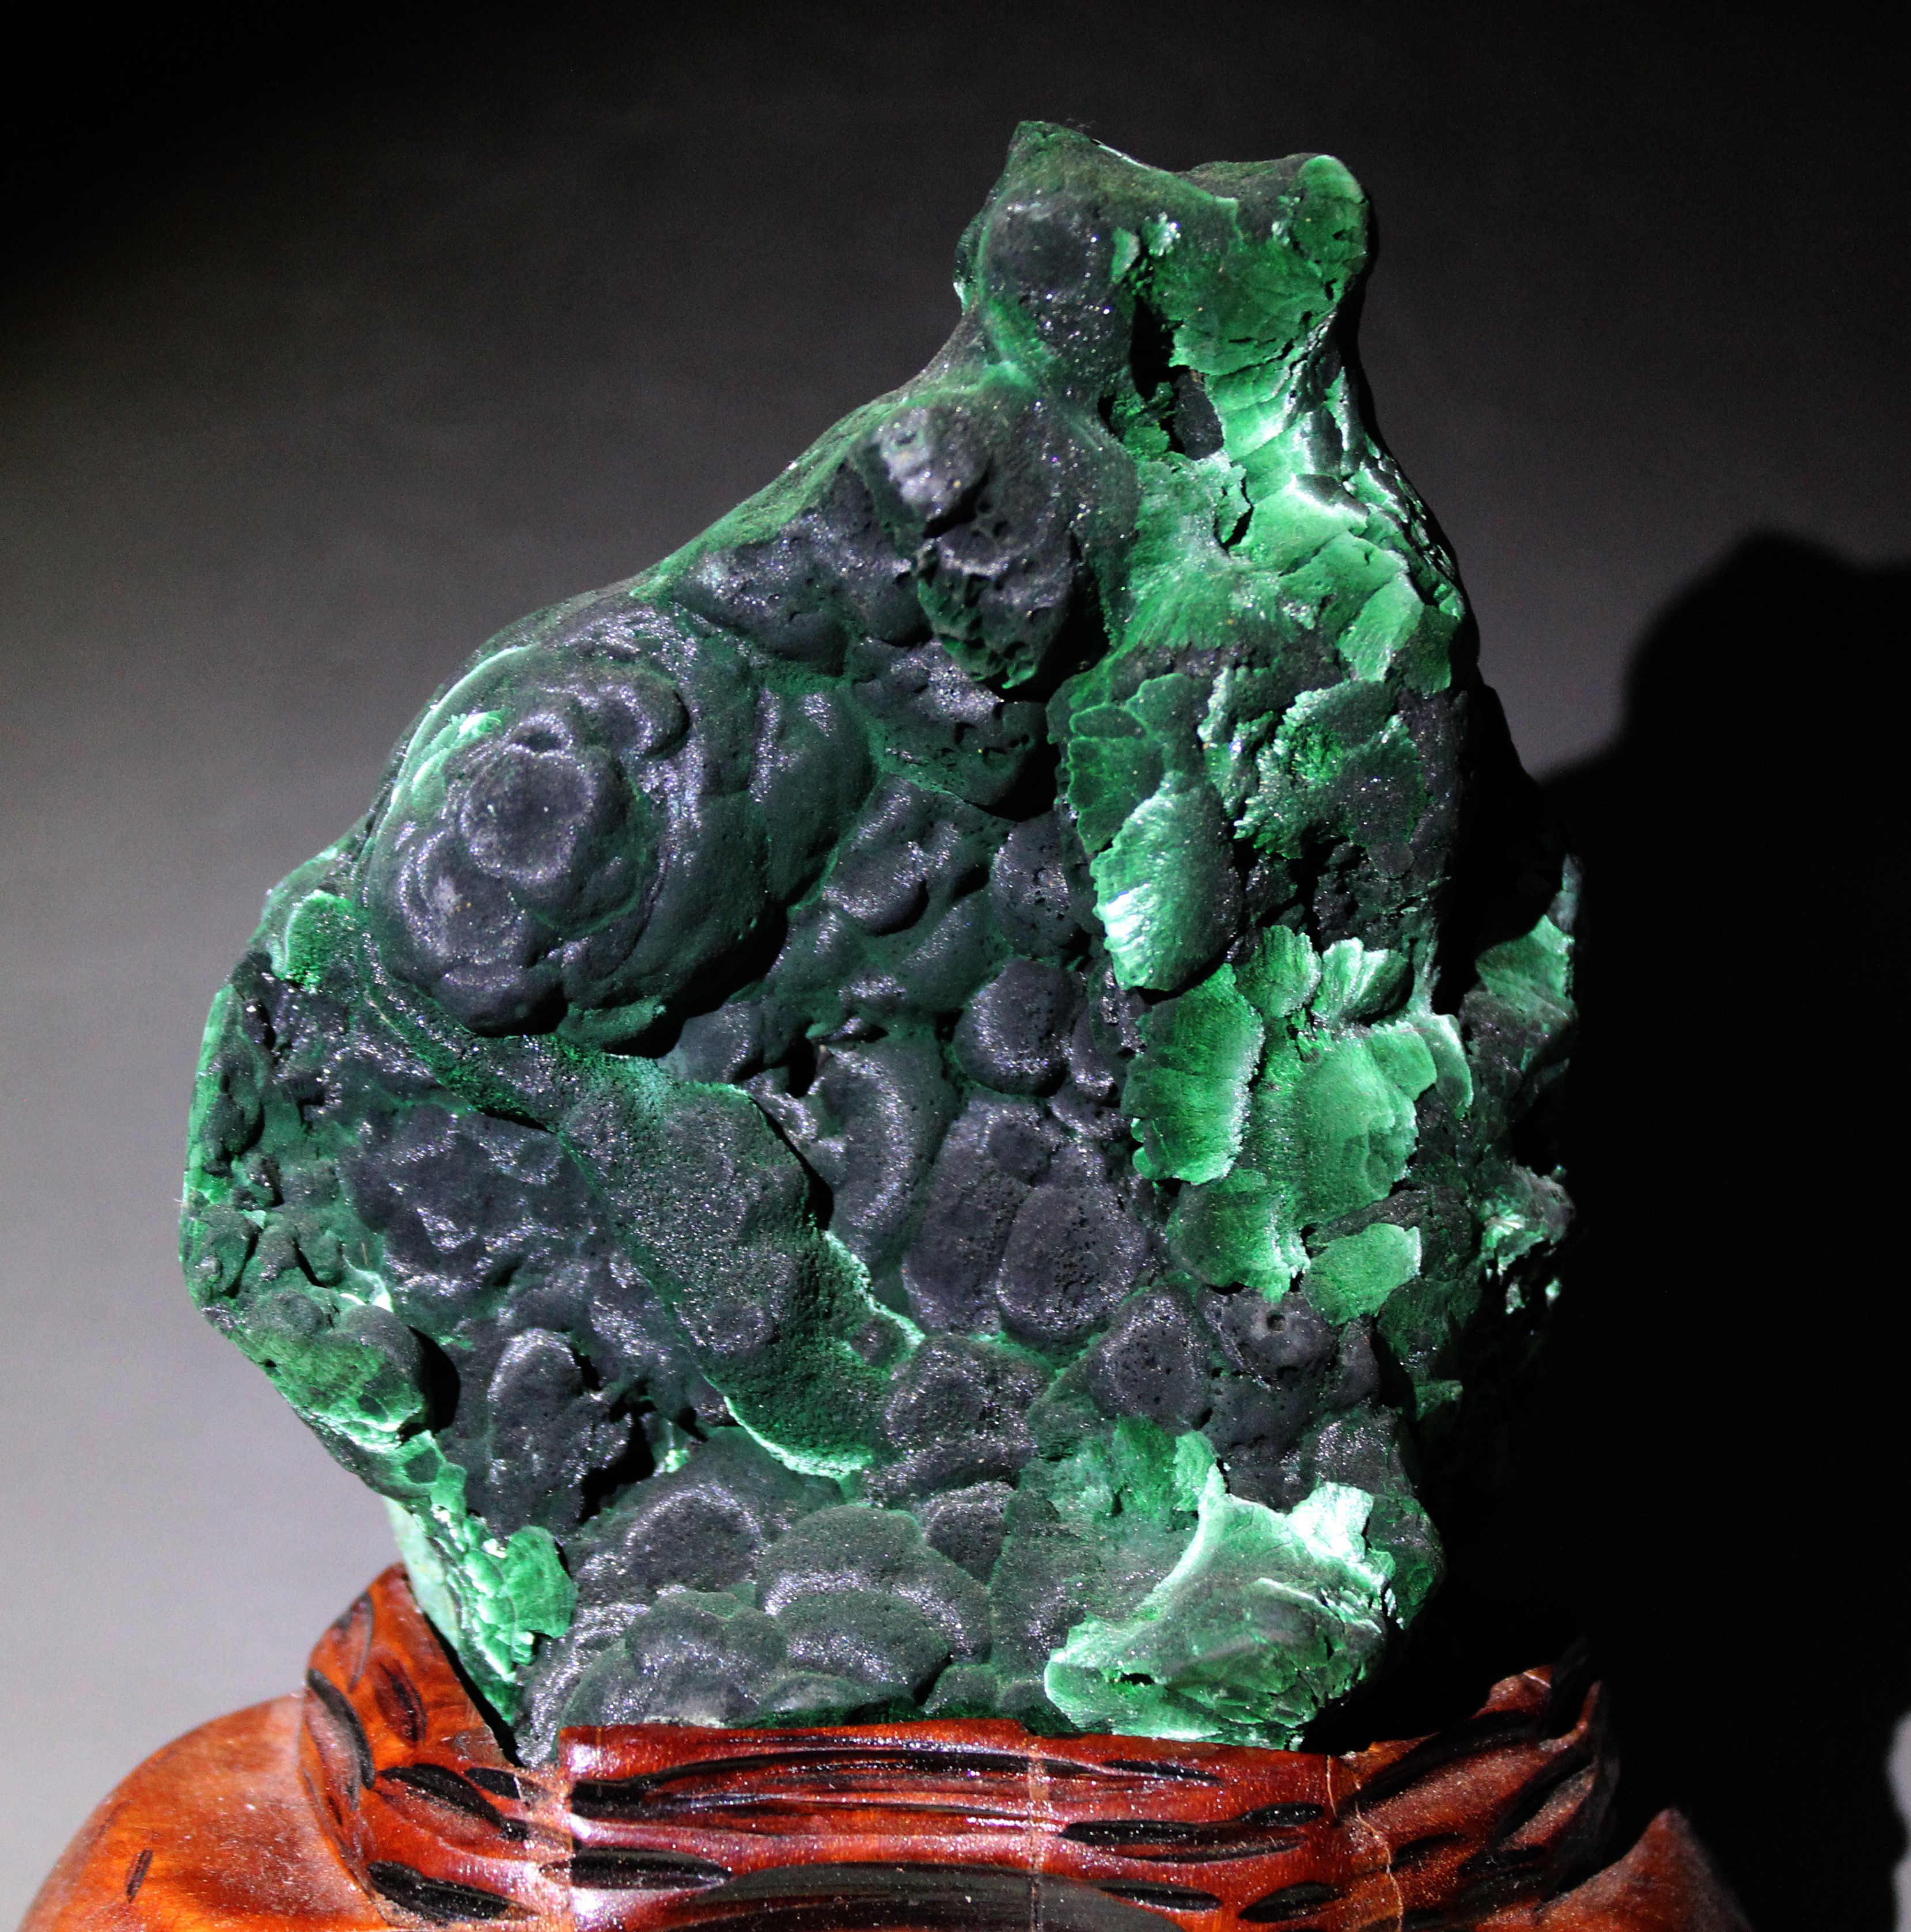 Tự Nhiên 1000G Xanh Malachite Khoáng Mẫu Vật Đá Và Tinh Thể Chữa Bệnh Tinh Thể Thạch Anh Đá Quý Gửi Đế Miễn Phí Vận Chuyển